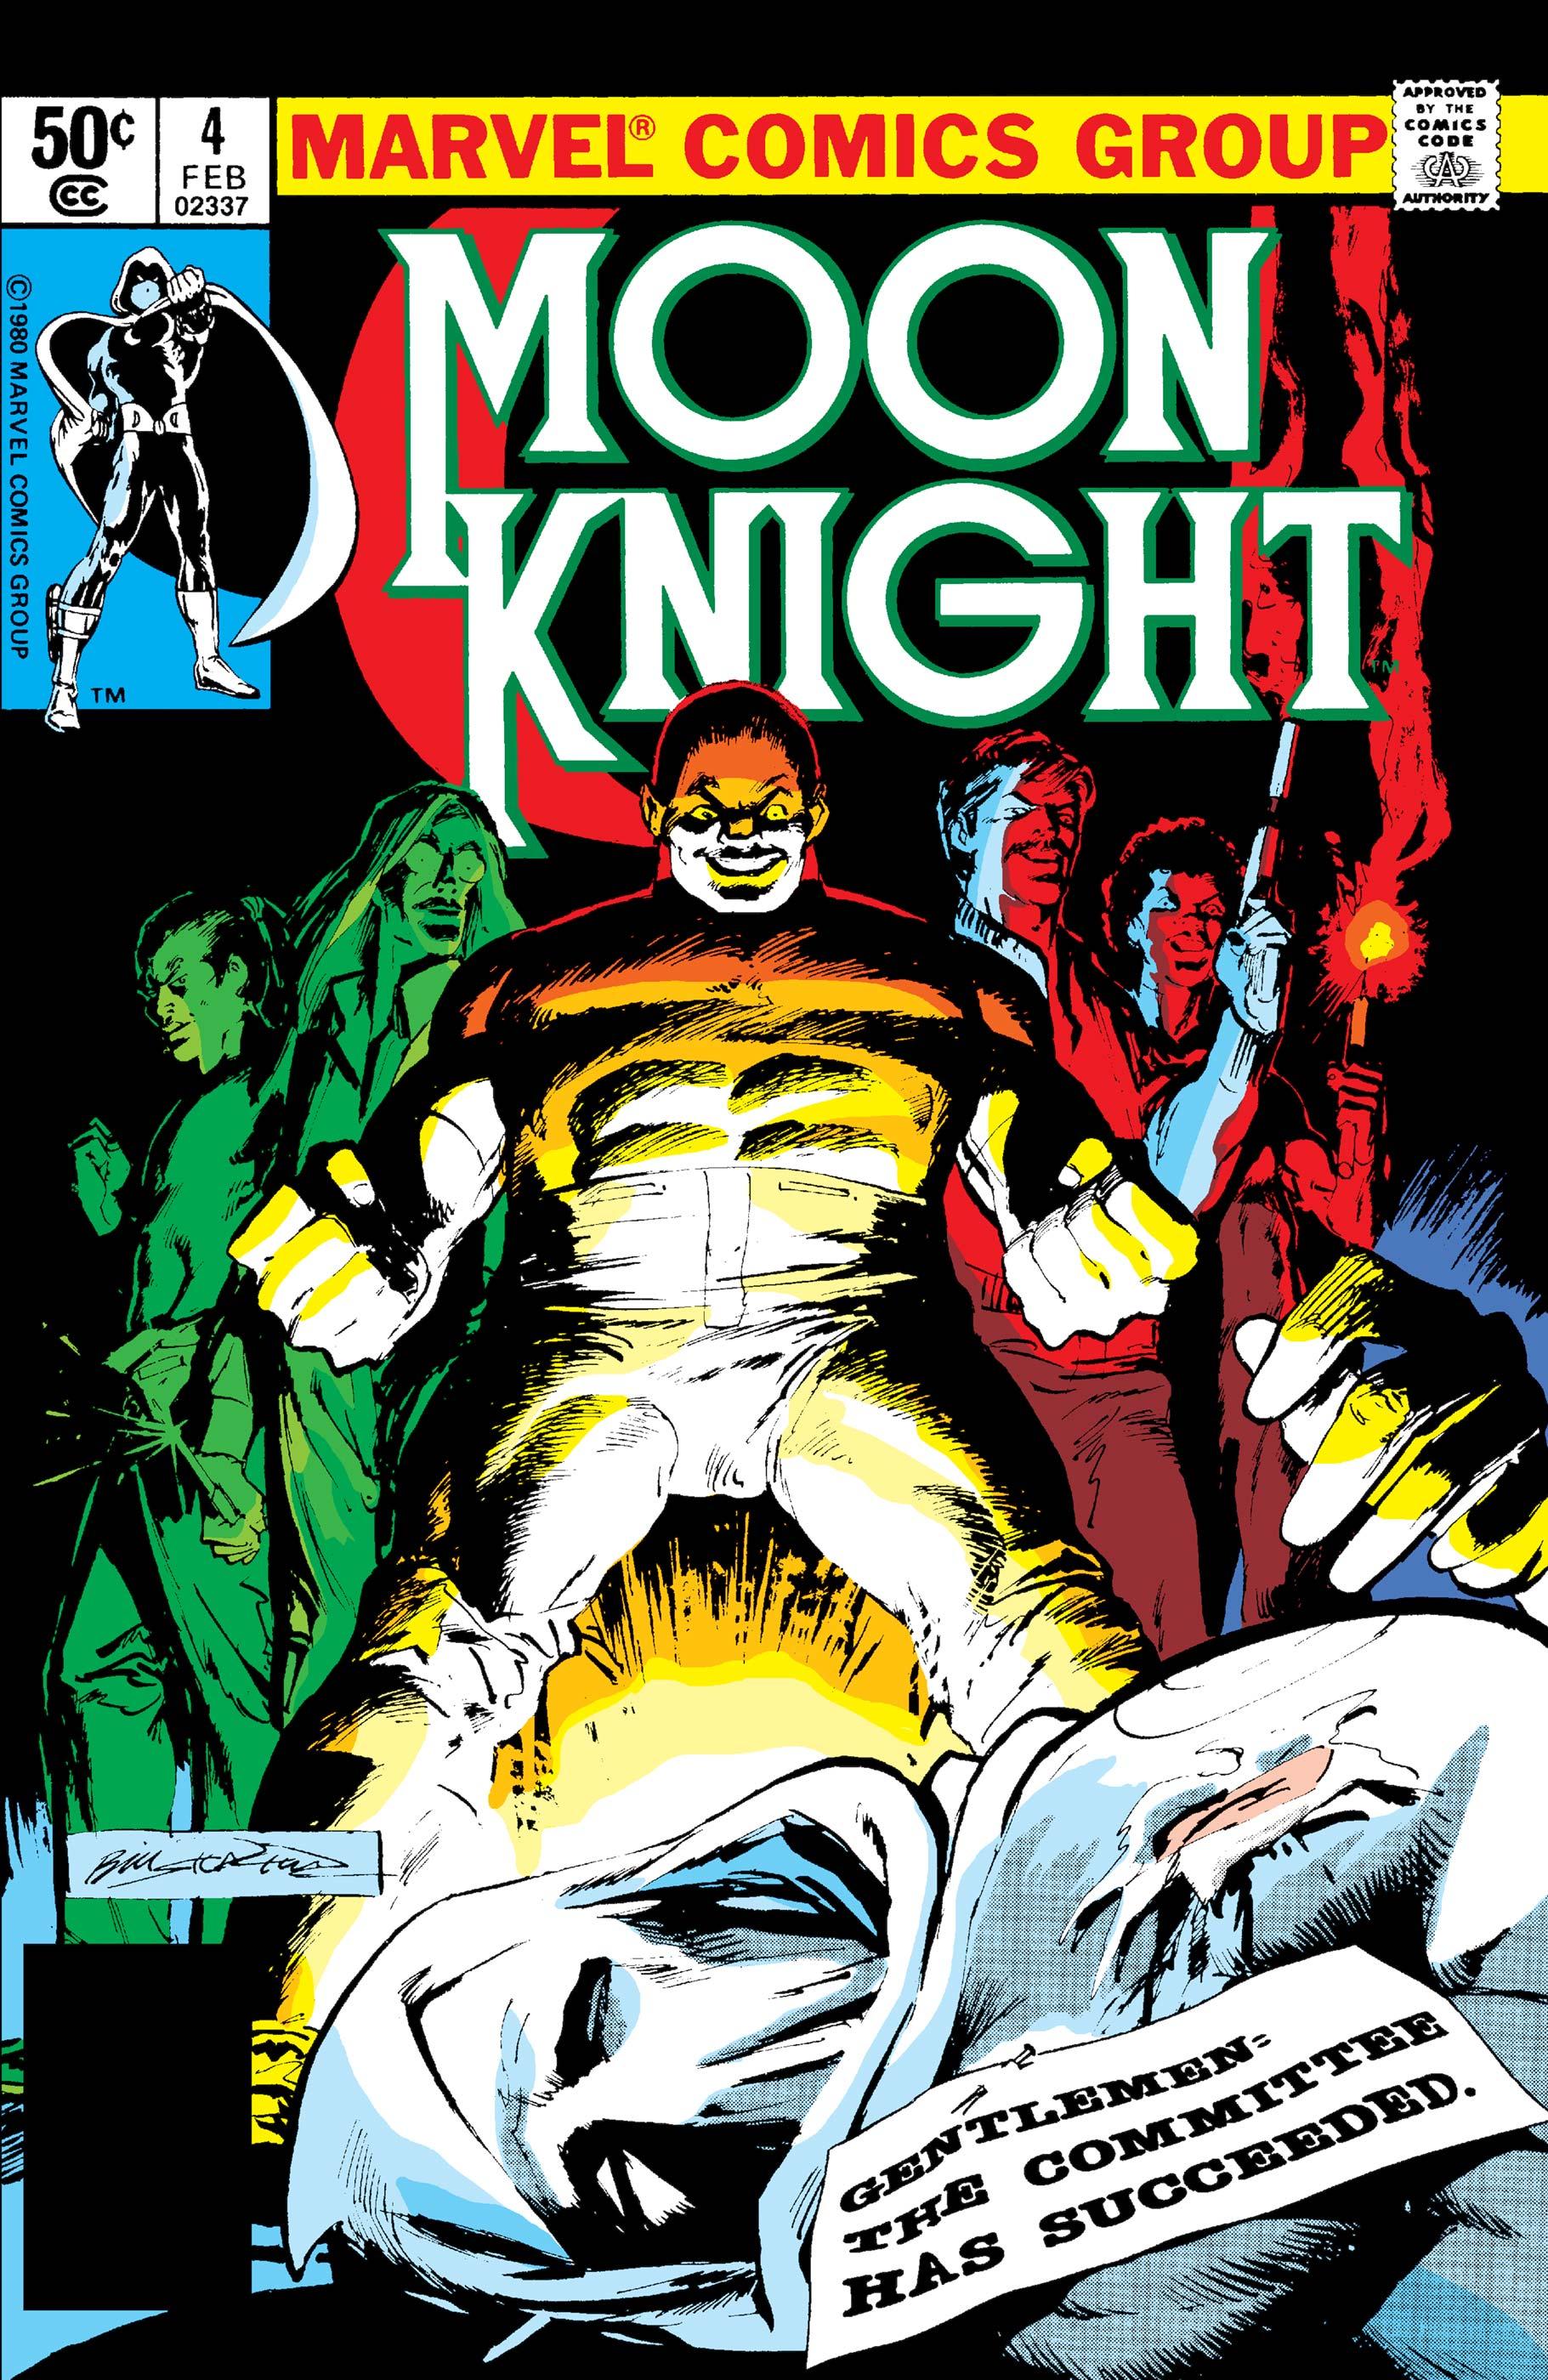 Moon Knight (1980) #4